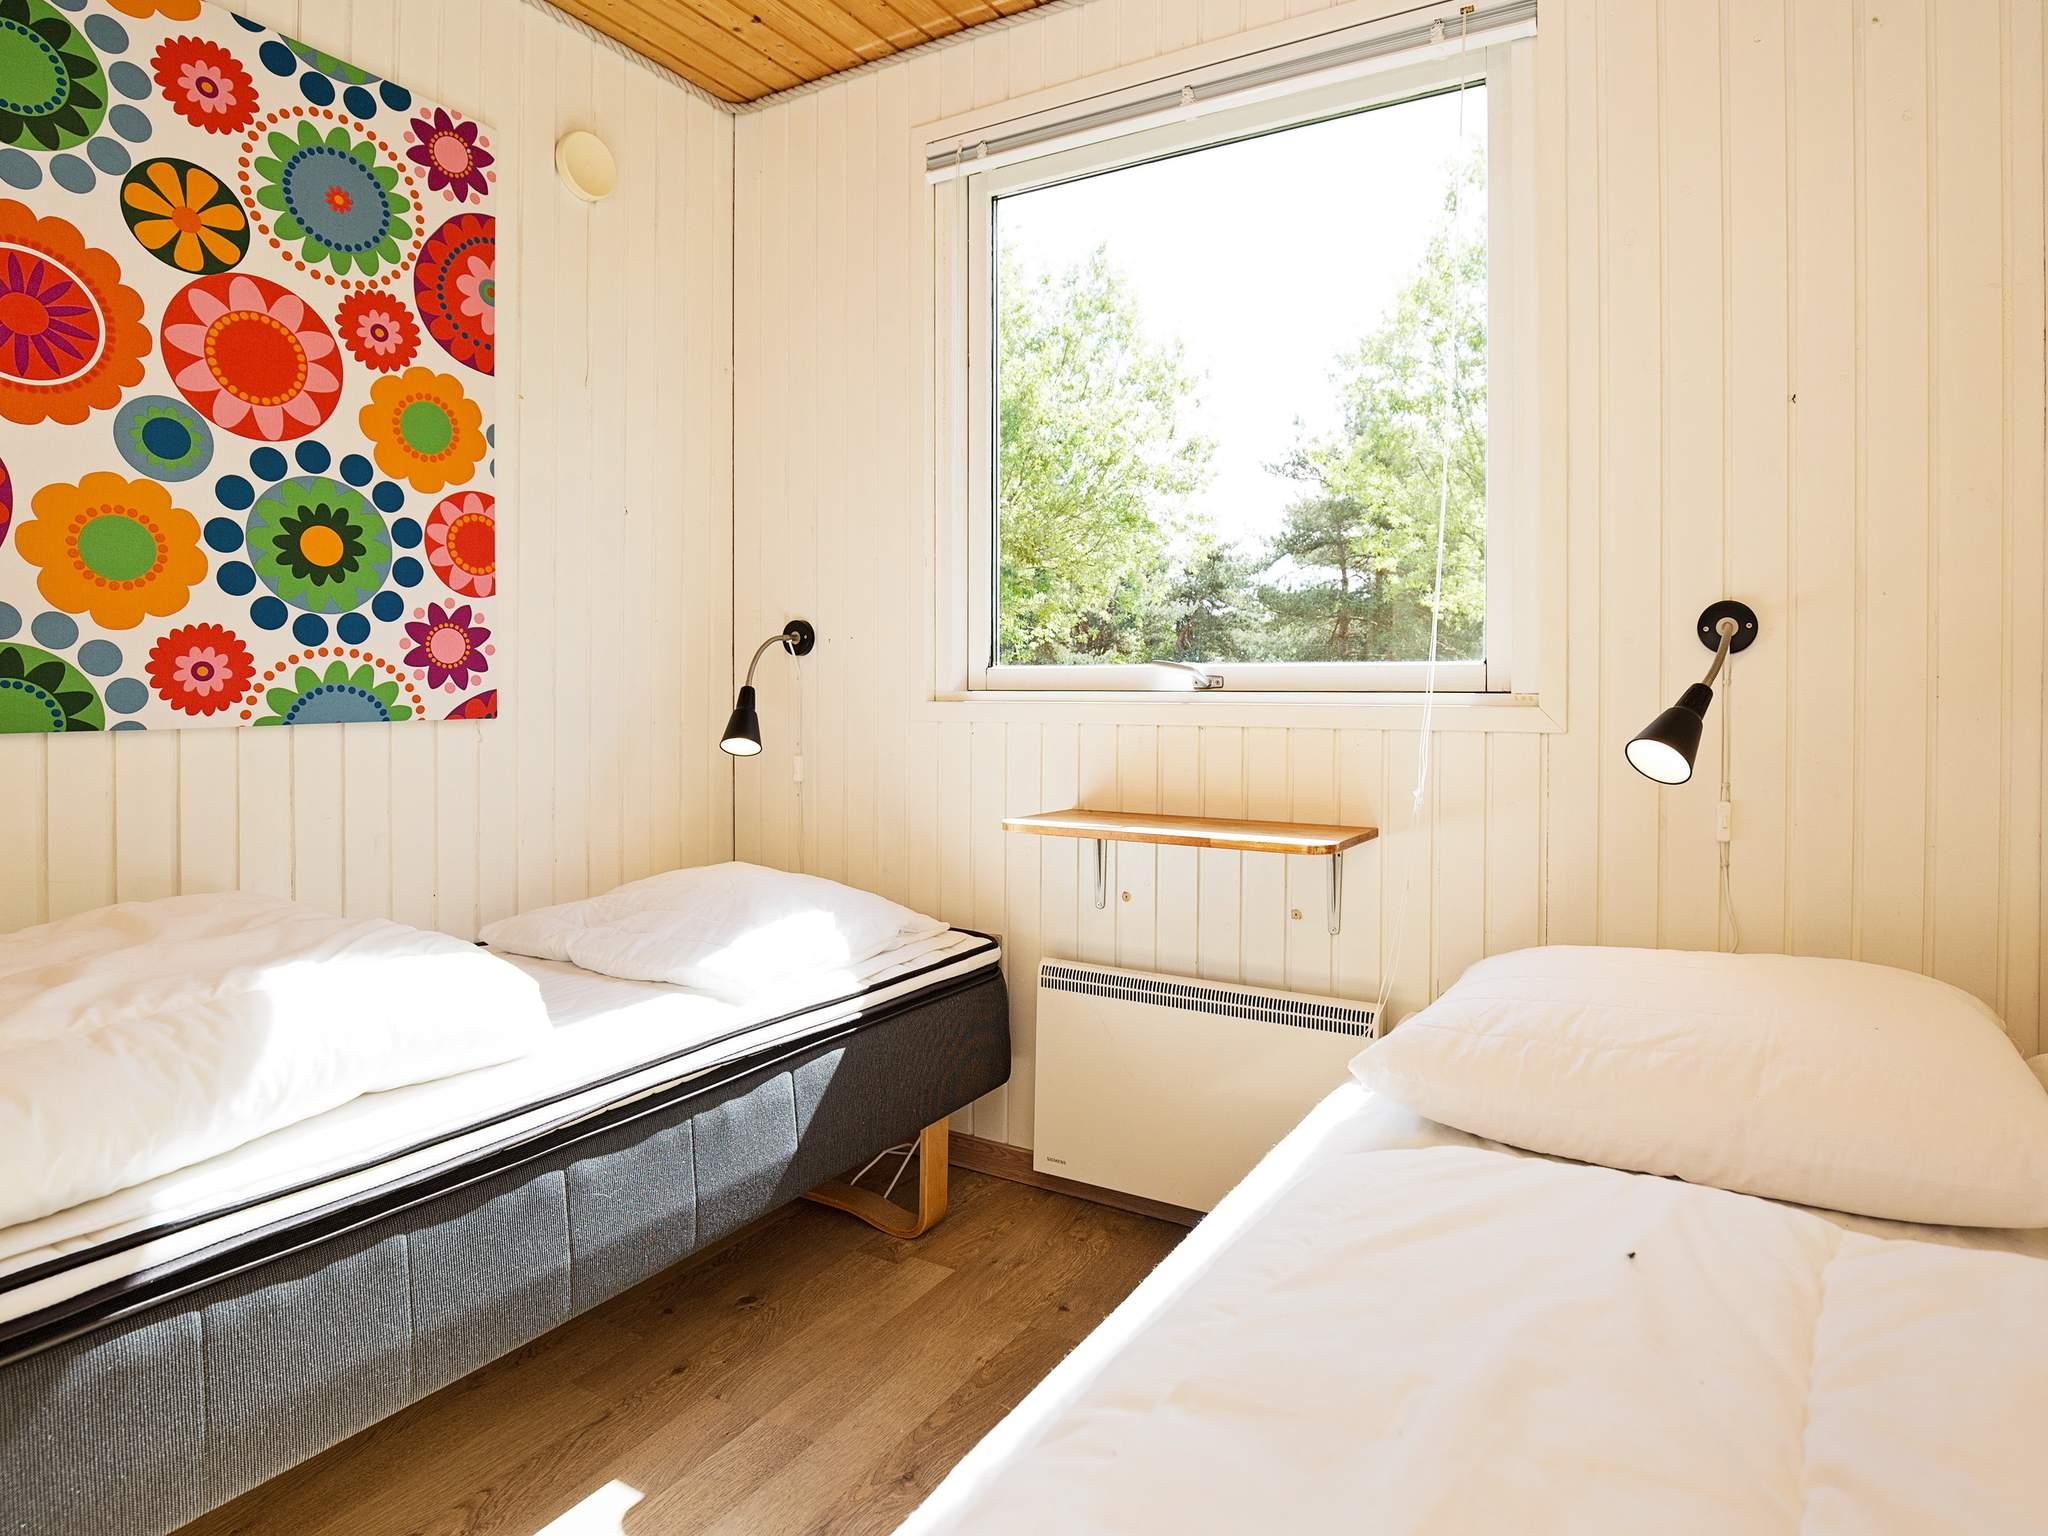 Ferienhaus Kramnitze (87285), Kramnitse, , Lolland, Dänemark, Bild 2